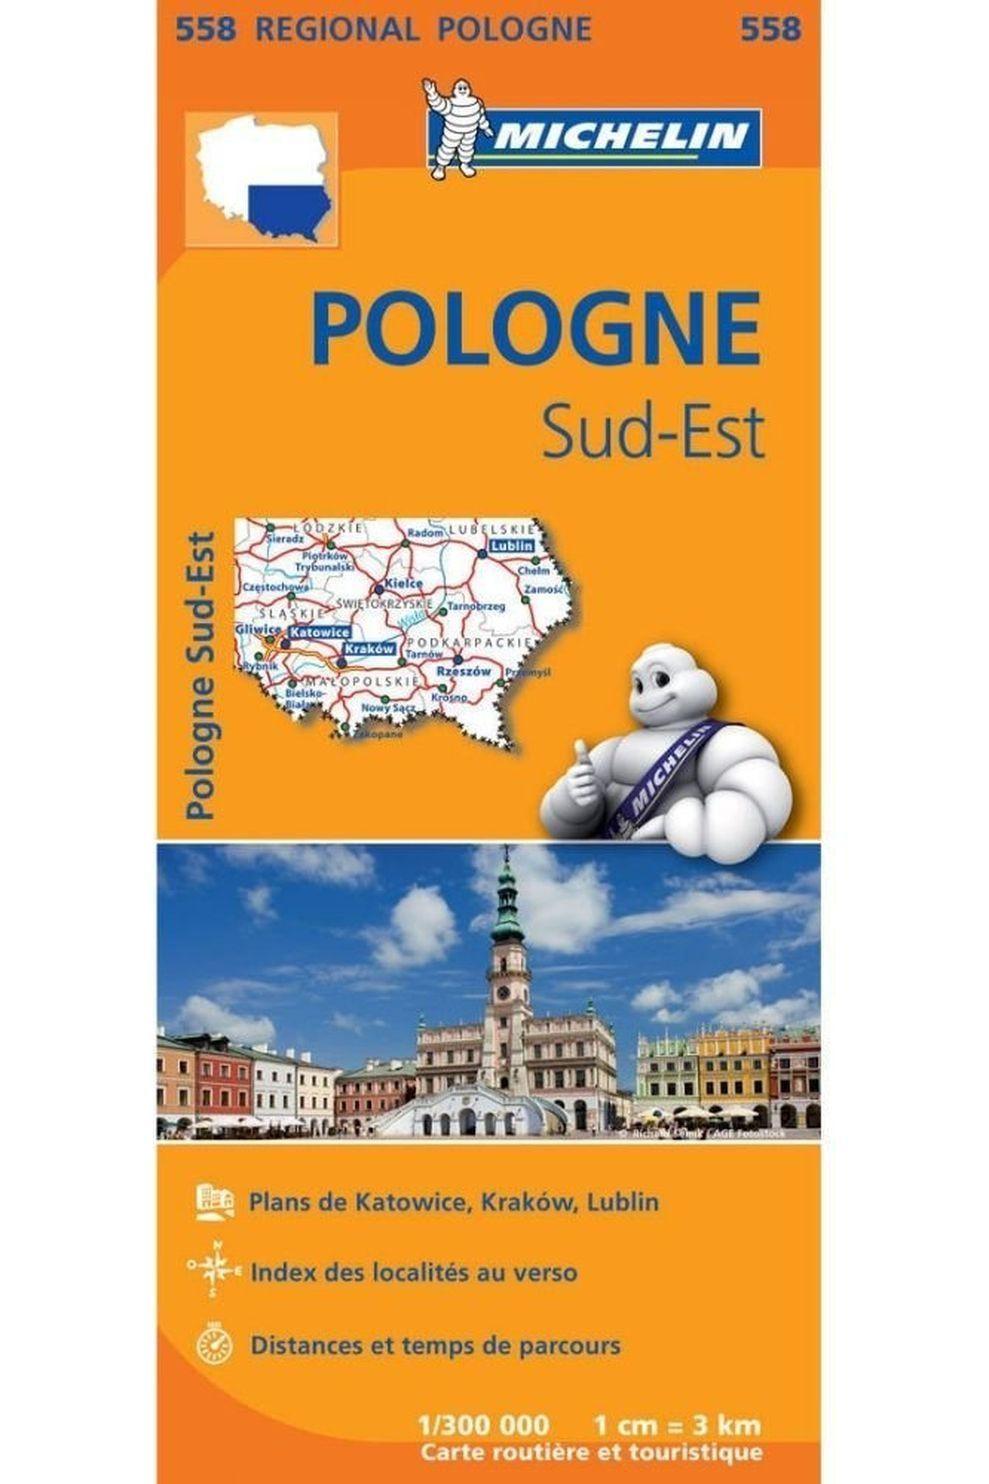 Michelin Reisgids Polen Zuid-Oost 558 mich (r) - 2017